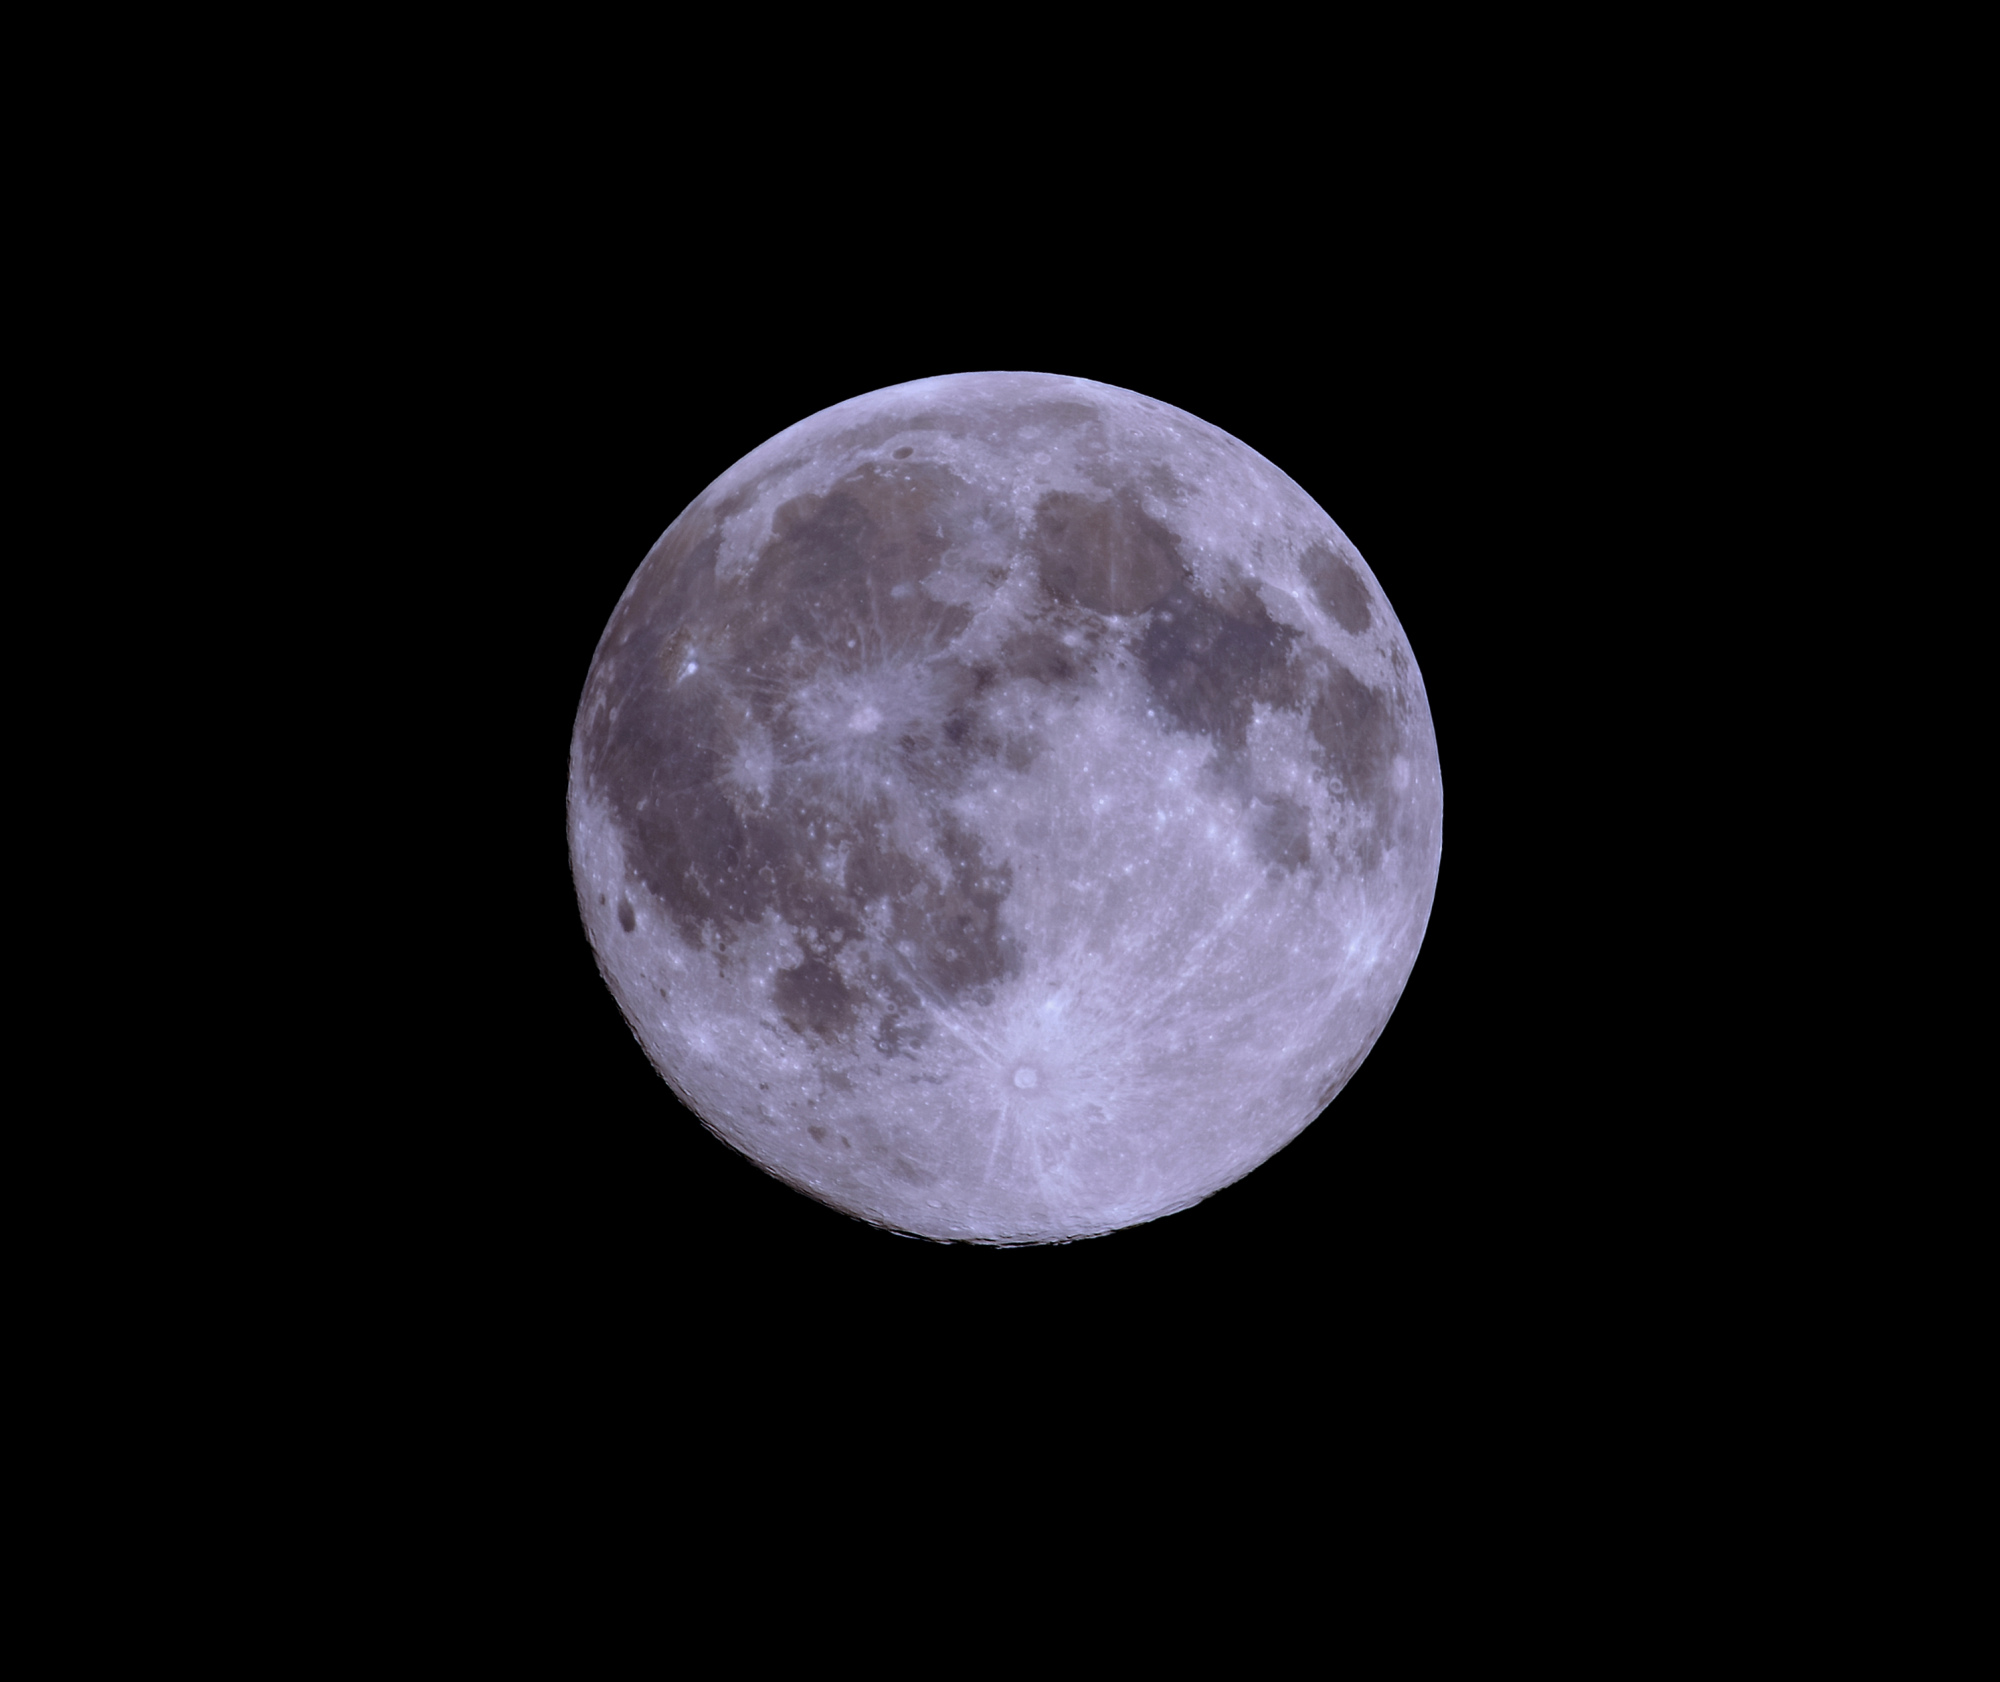 603c20be685b5_lune270221(T600-doubleur-100)HDR.thumb.jpg.166e5d681b16e6bd14780368b20e726d.jpg